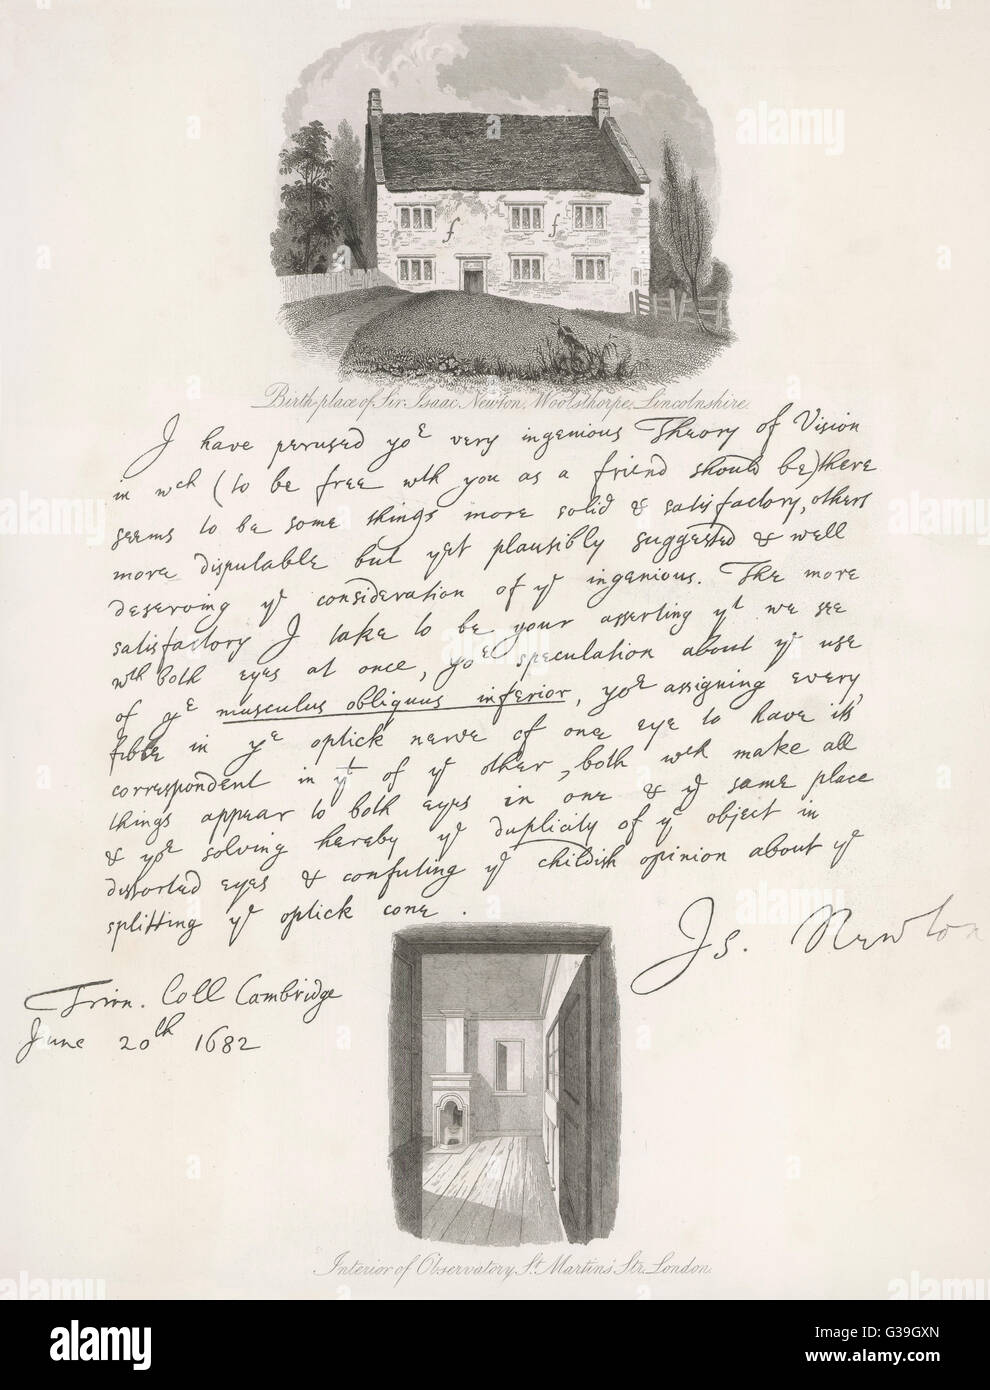 Lettre de l'anglais, en date du 20 juin 1682, de Trinity College, Cambridge, discuter de la théorie d'un Photo Stock